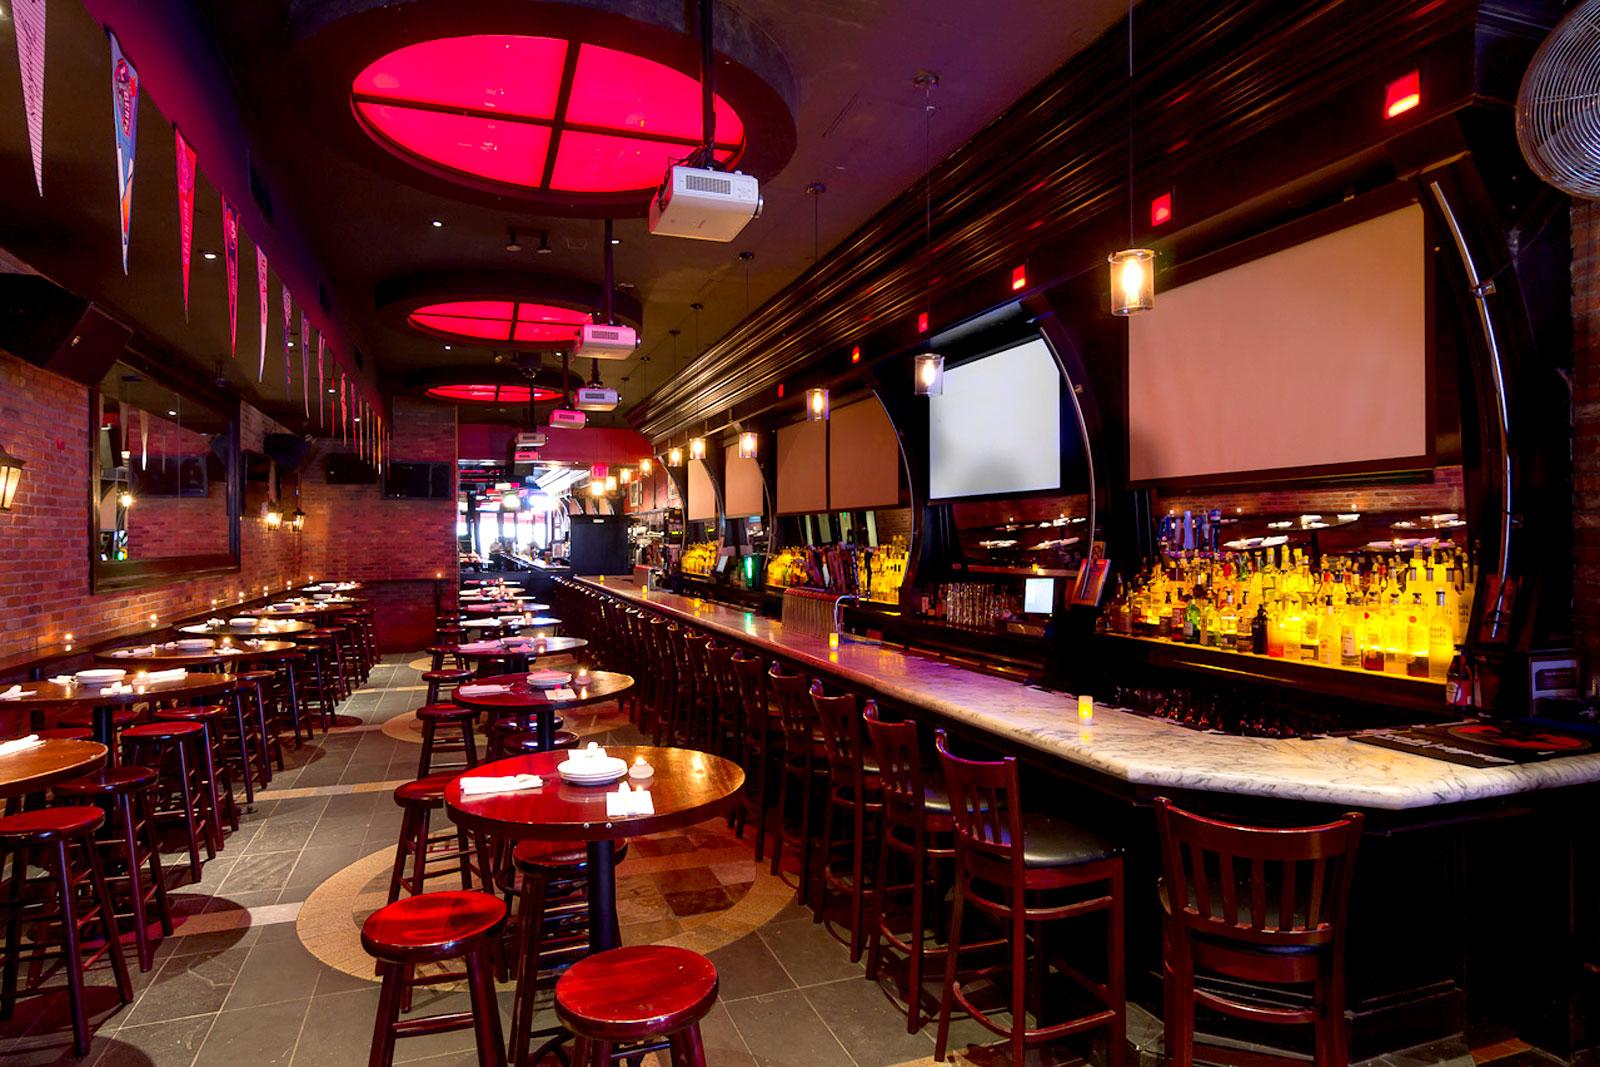 Bar in lesbischen New York